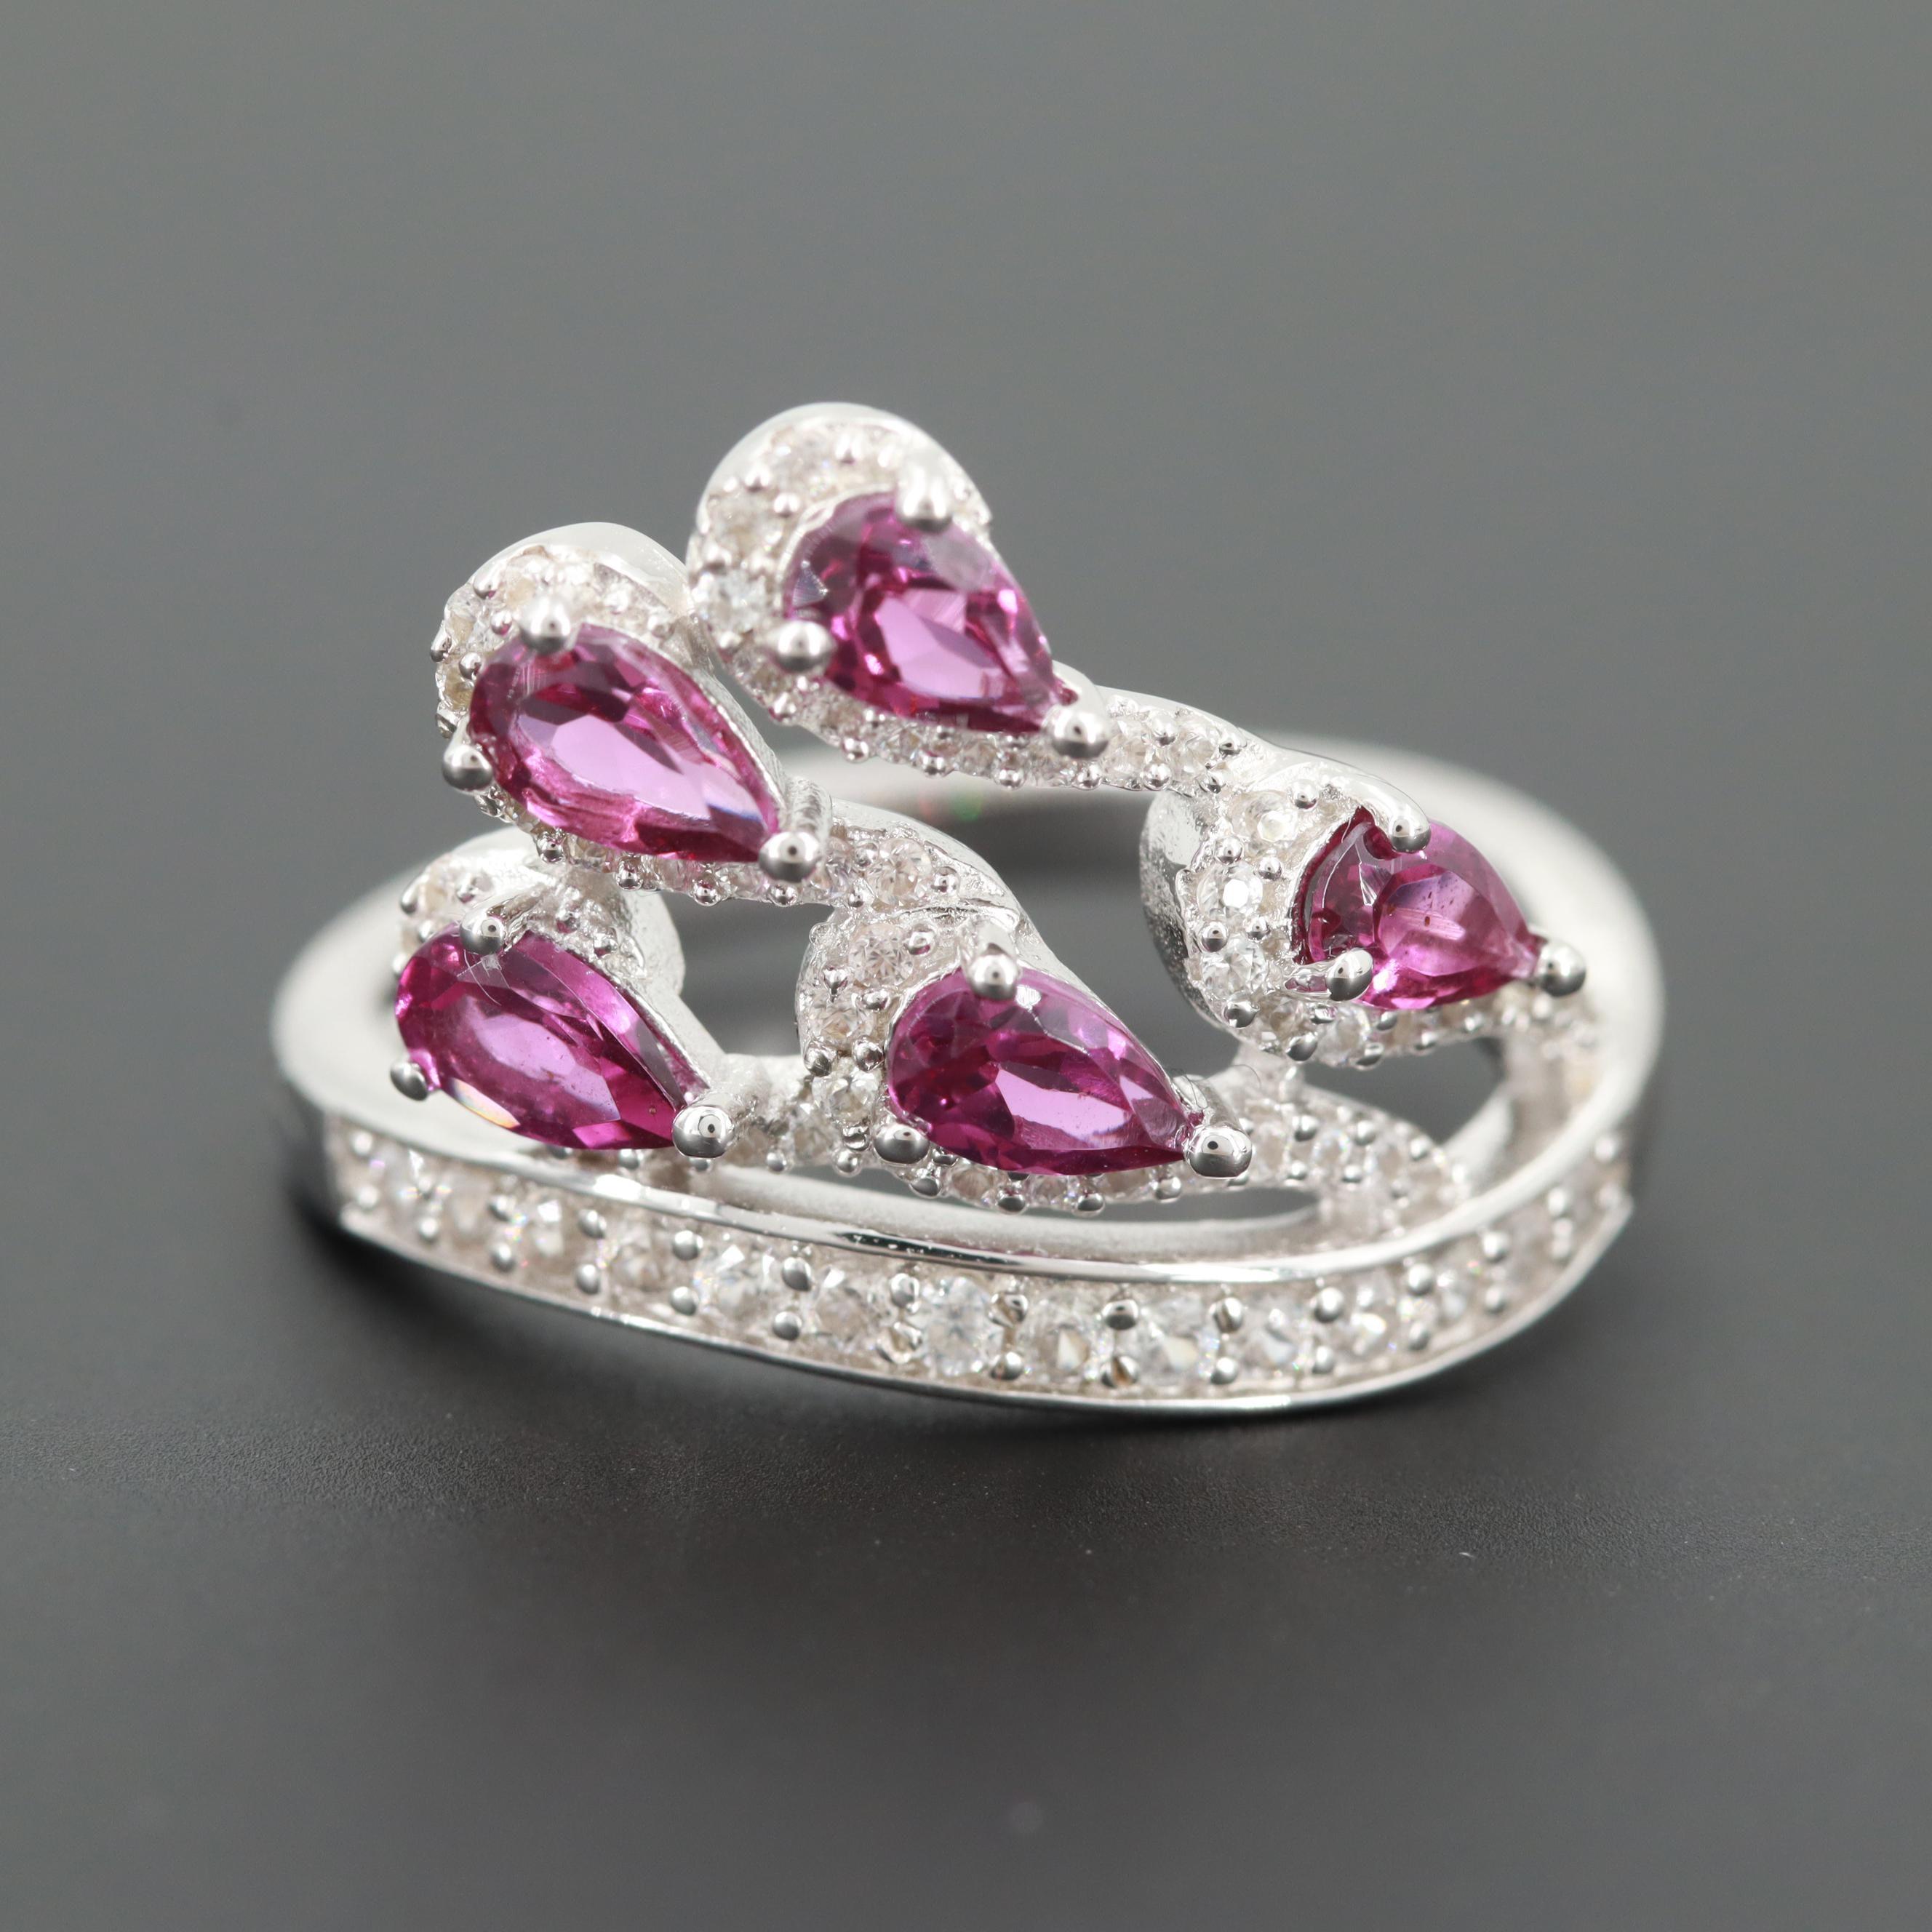 Sterling Silver Rhodolite Garnet and Zircon Ring